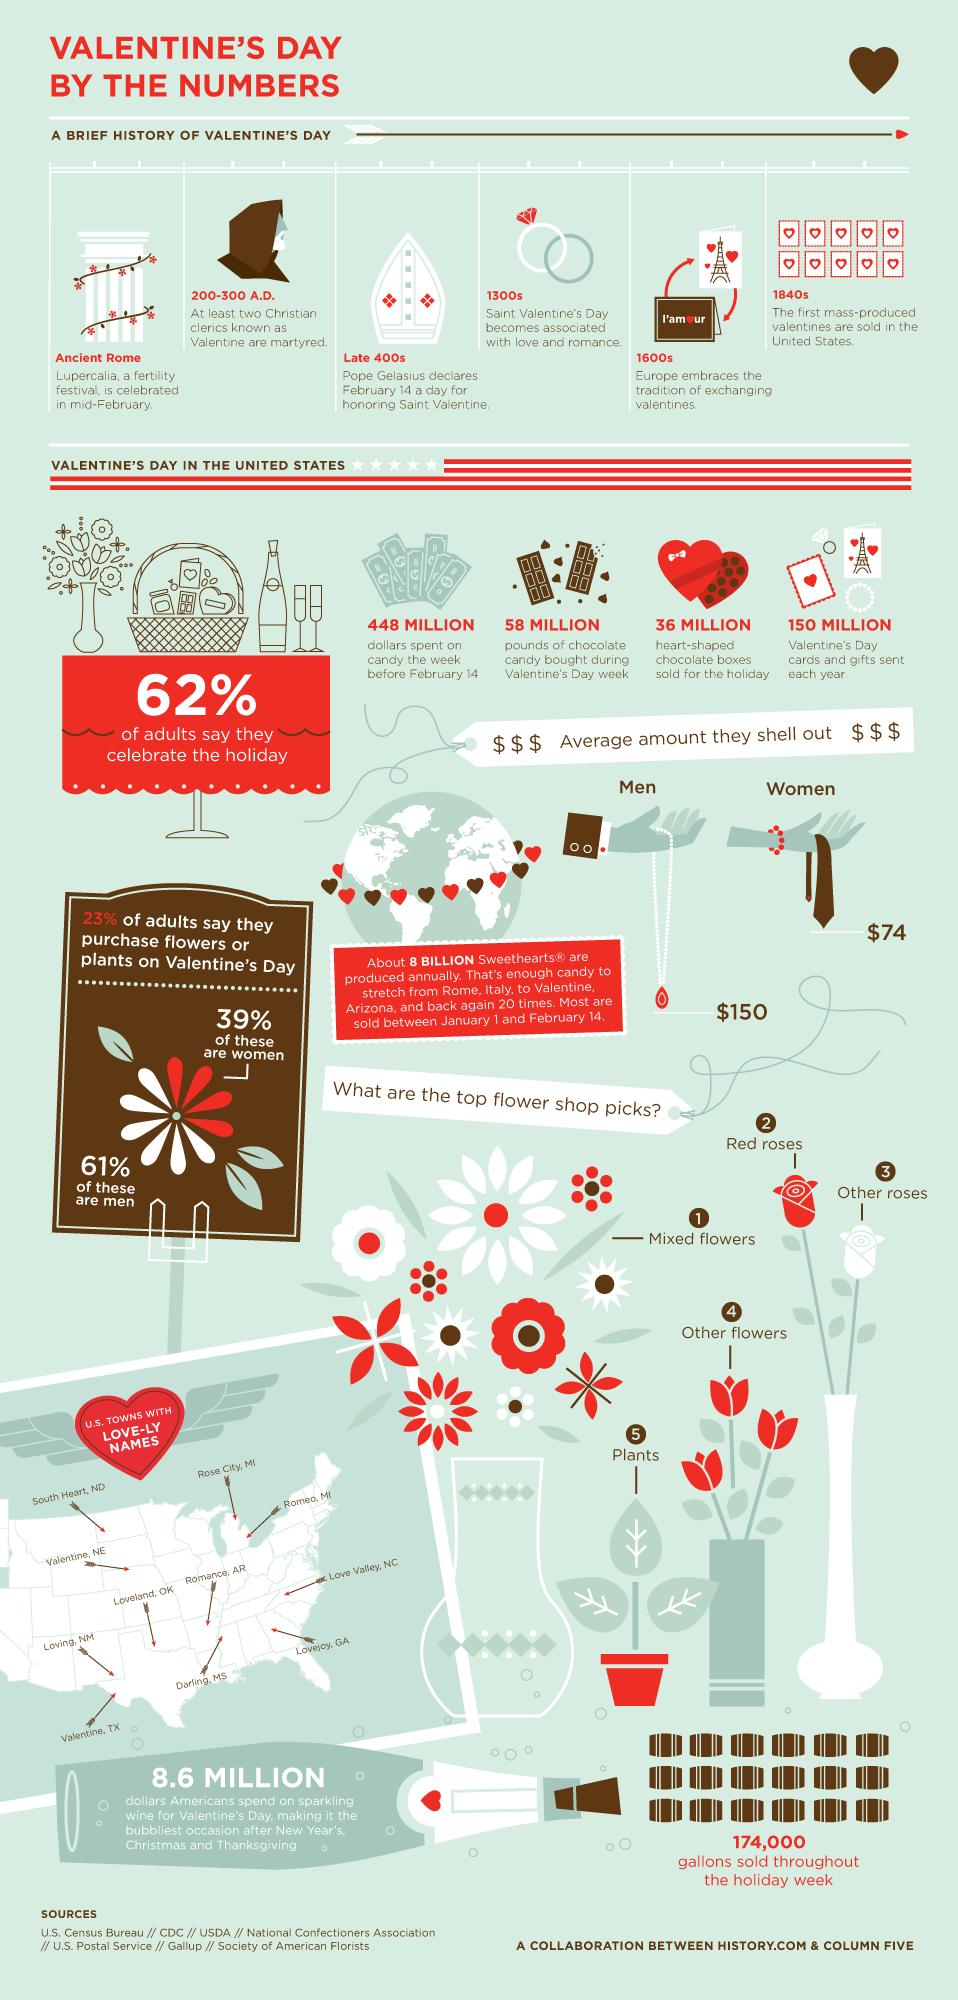 San Valentín y los números